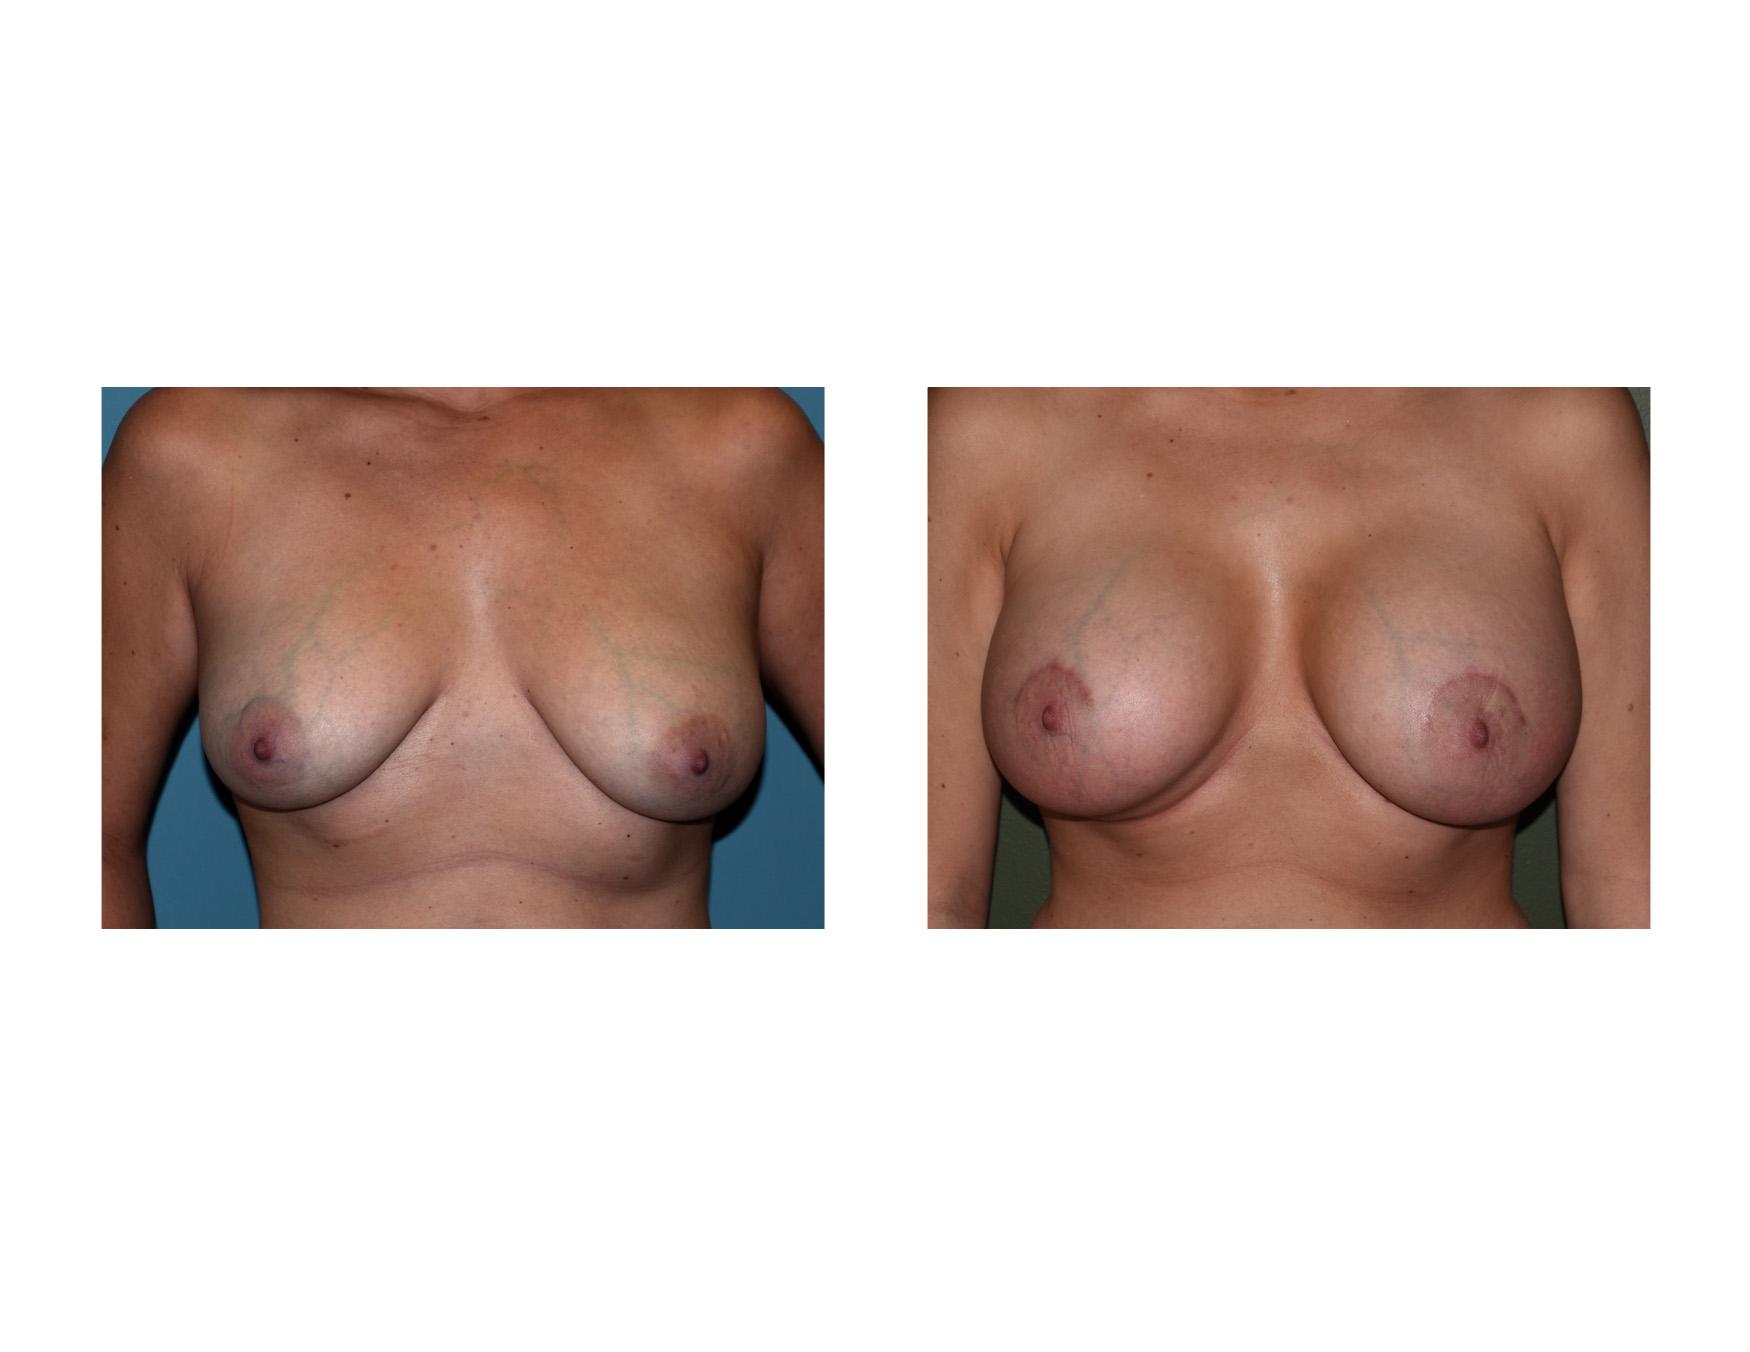 Deflated Tits Ru Little Nudist Girls Chorvatsko Naked Deti-8318